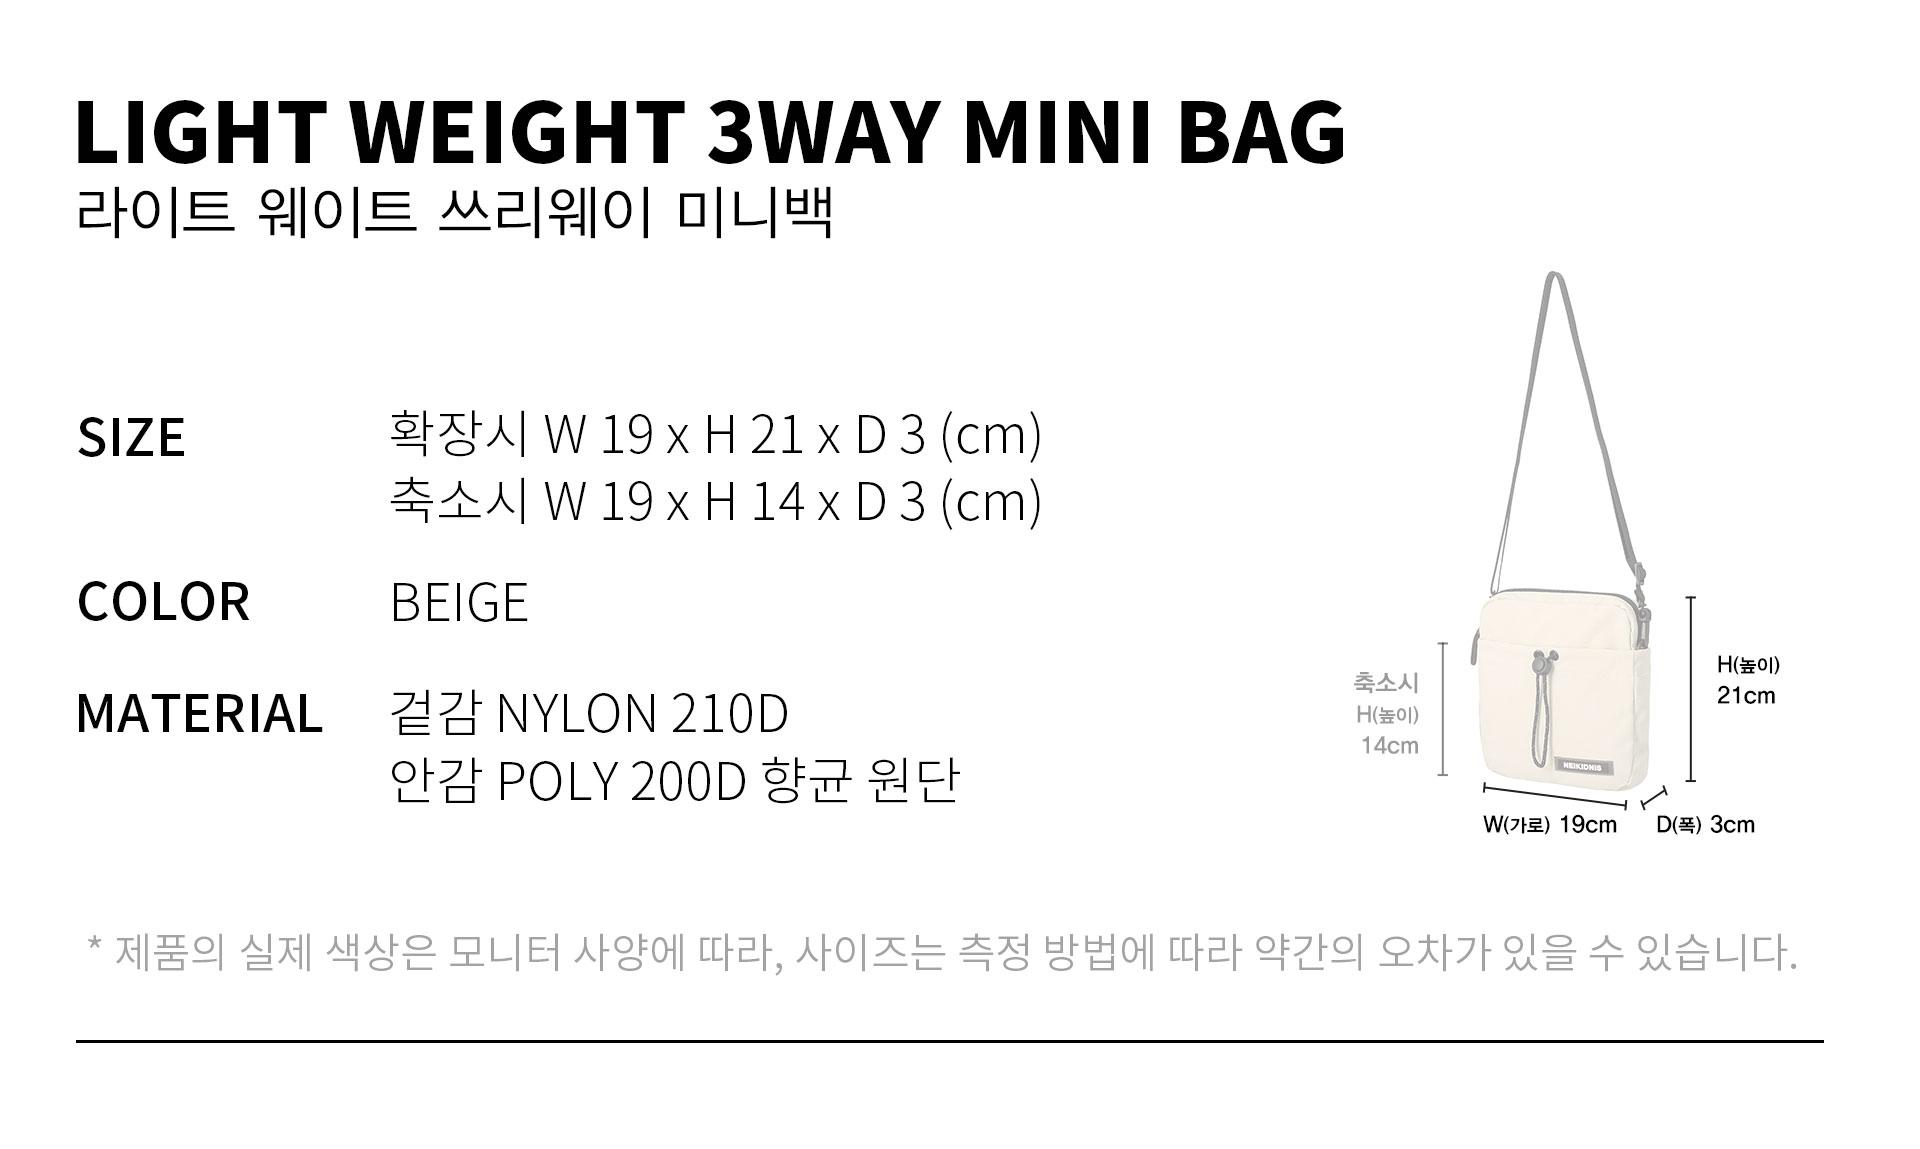 네이키드니스(NEIKIDNIS) LIGHT WEIGHT 3WAY MINI BAG / BEIGE